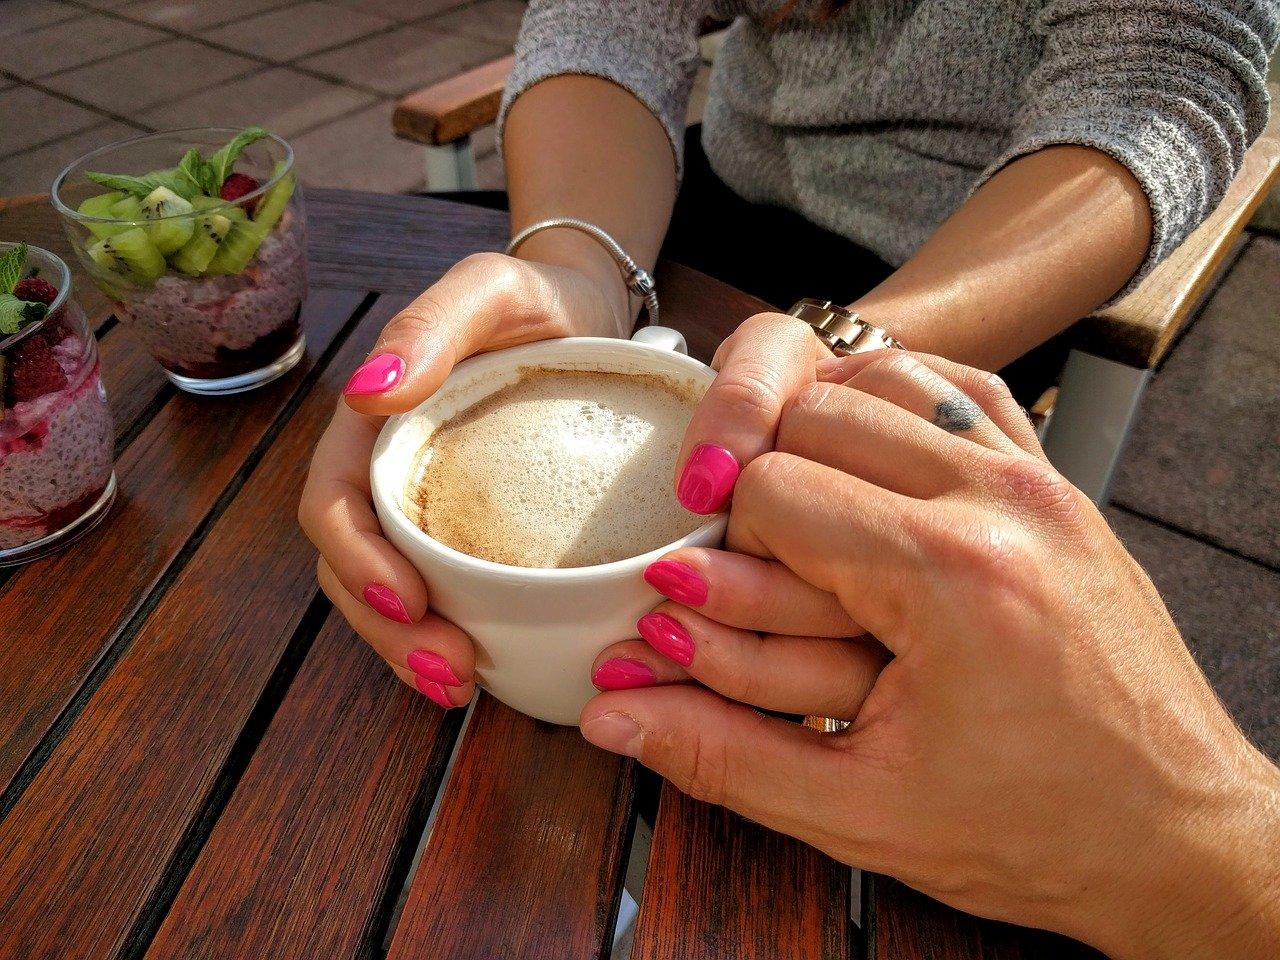 Liebeshoroskop für Donnerstag 2020-07-16 - Liebe und Schönheit spielen derzeit eine wichtige Rolle in Ihrem Leben...